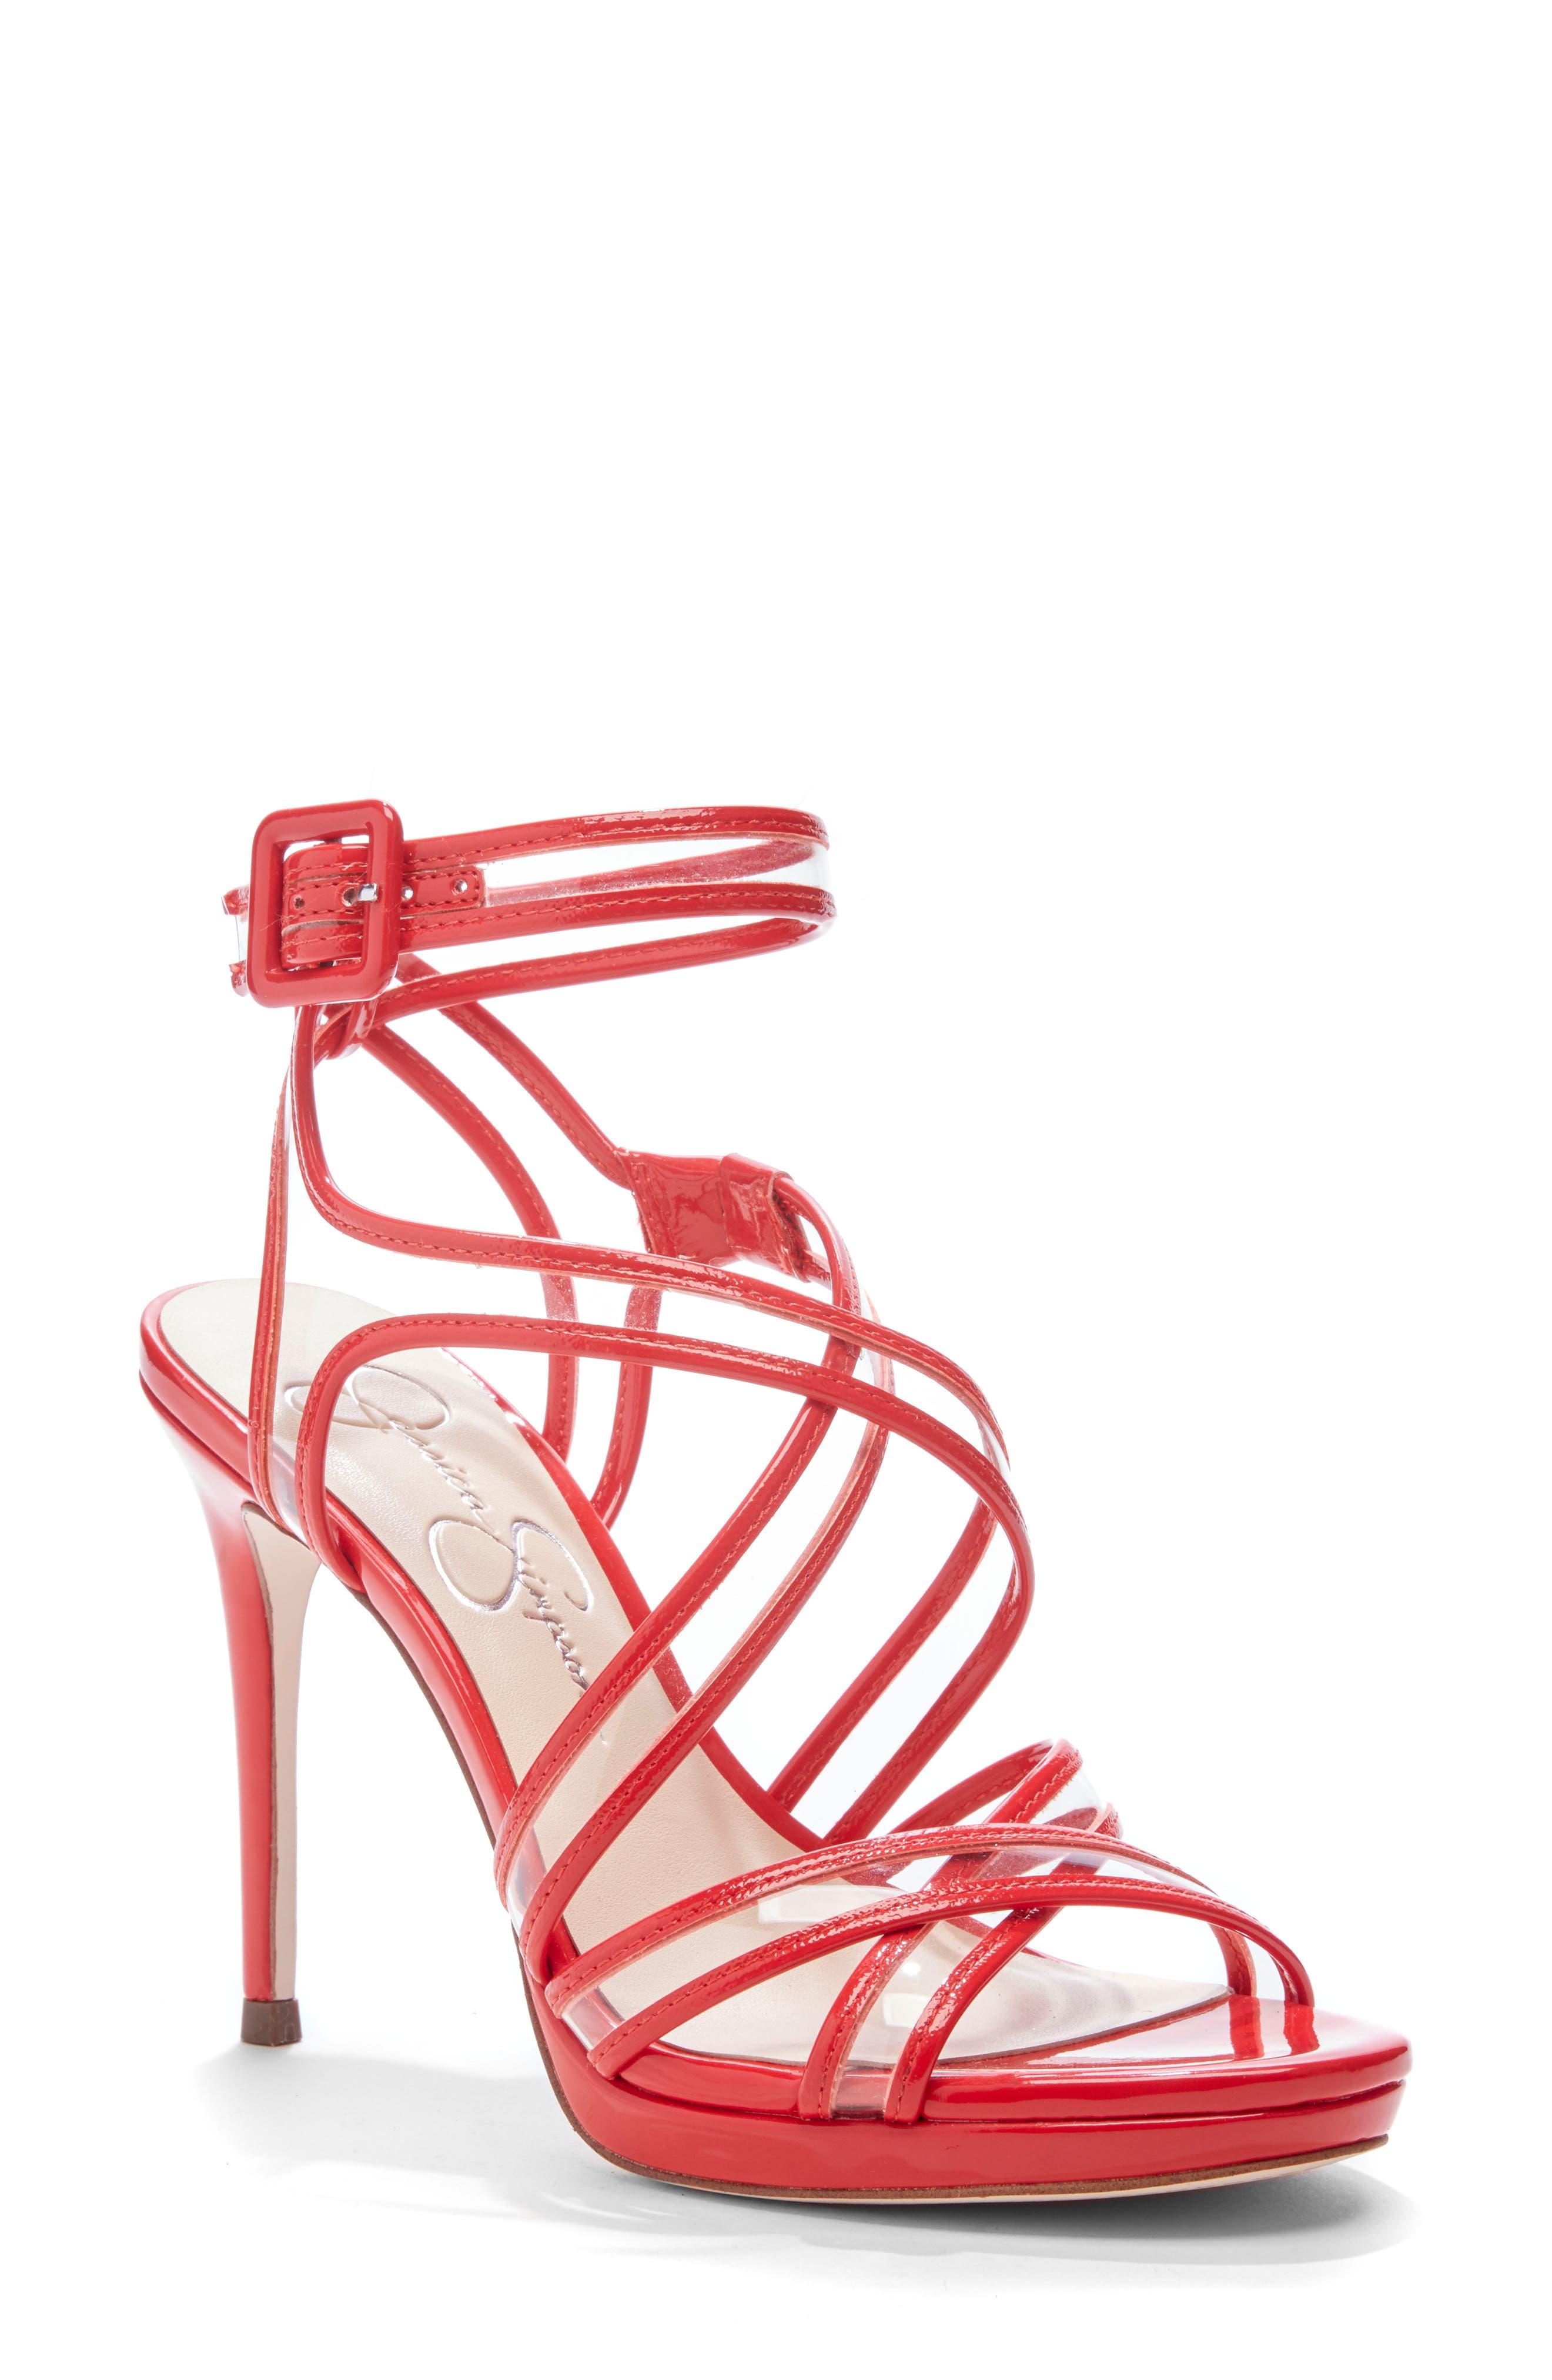 Jessica Simpson Kendele Sandal- Red